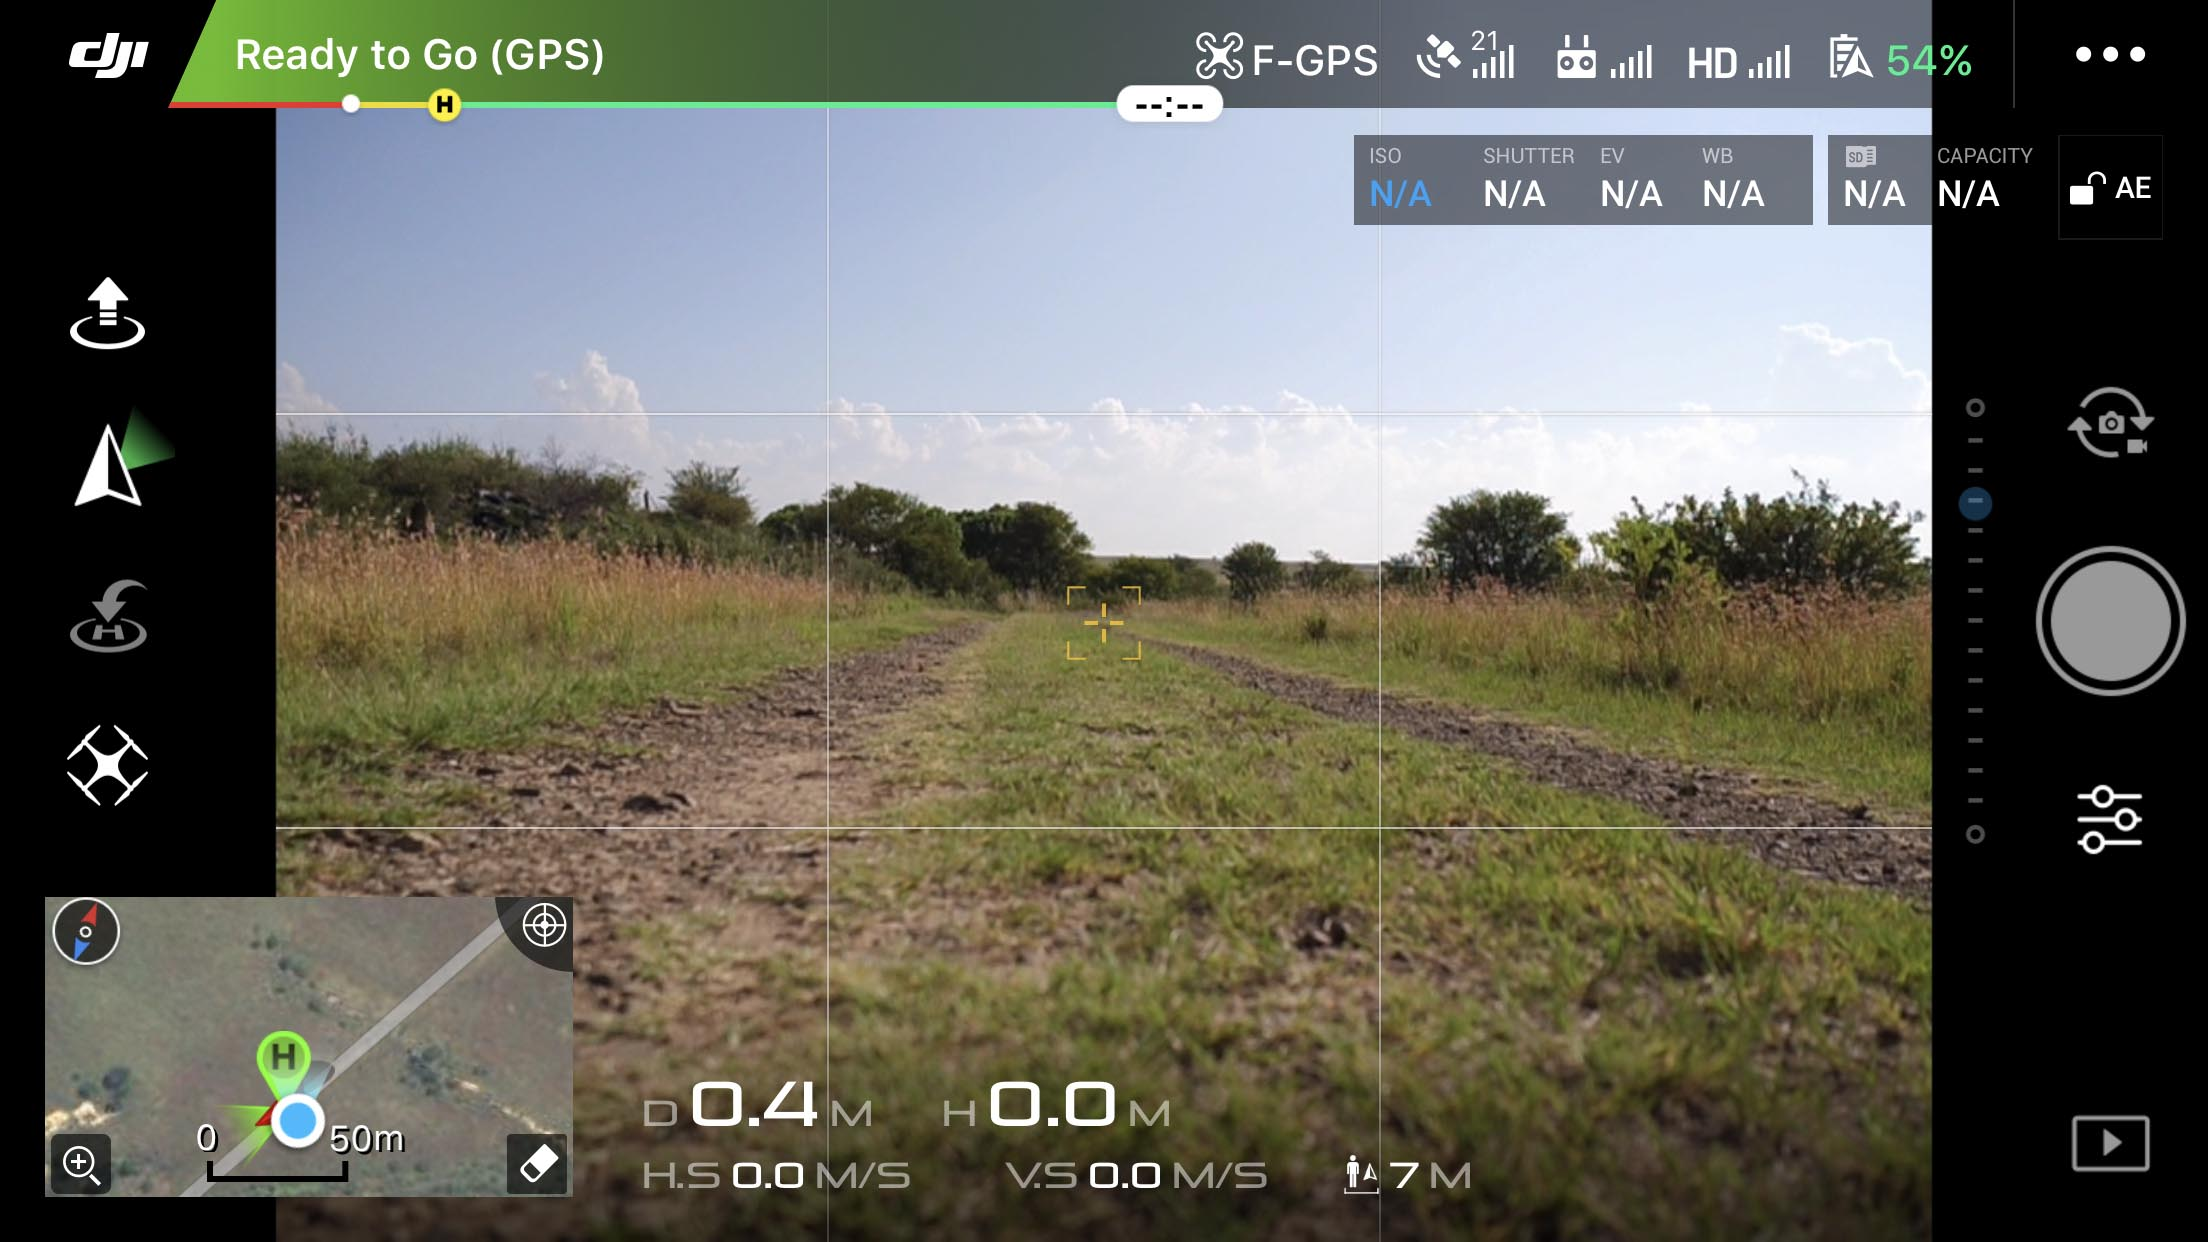 Camera Settings change to N/A